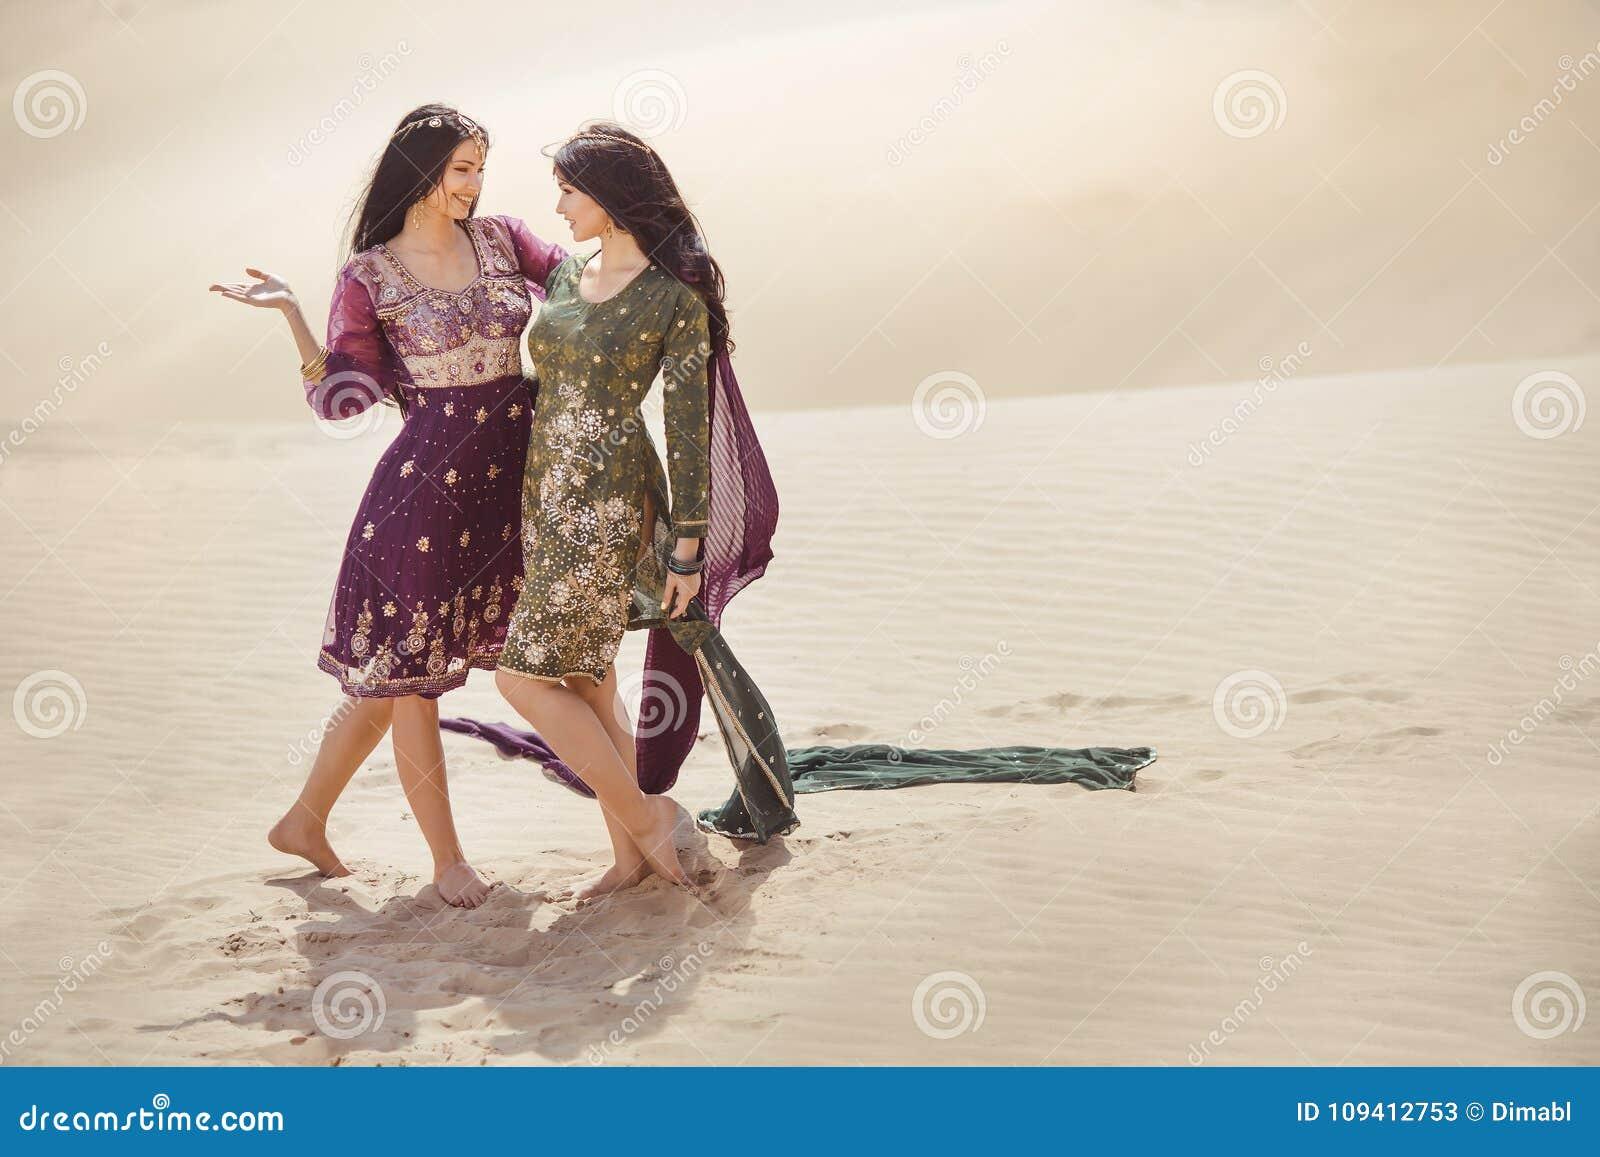 Women in desert landscape. Travel concept.